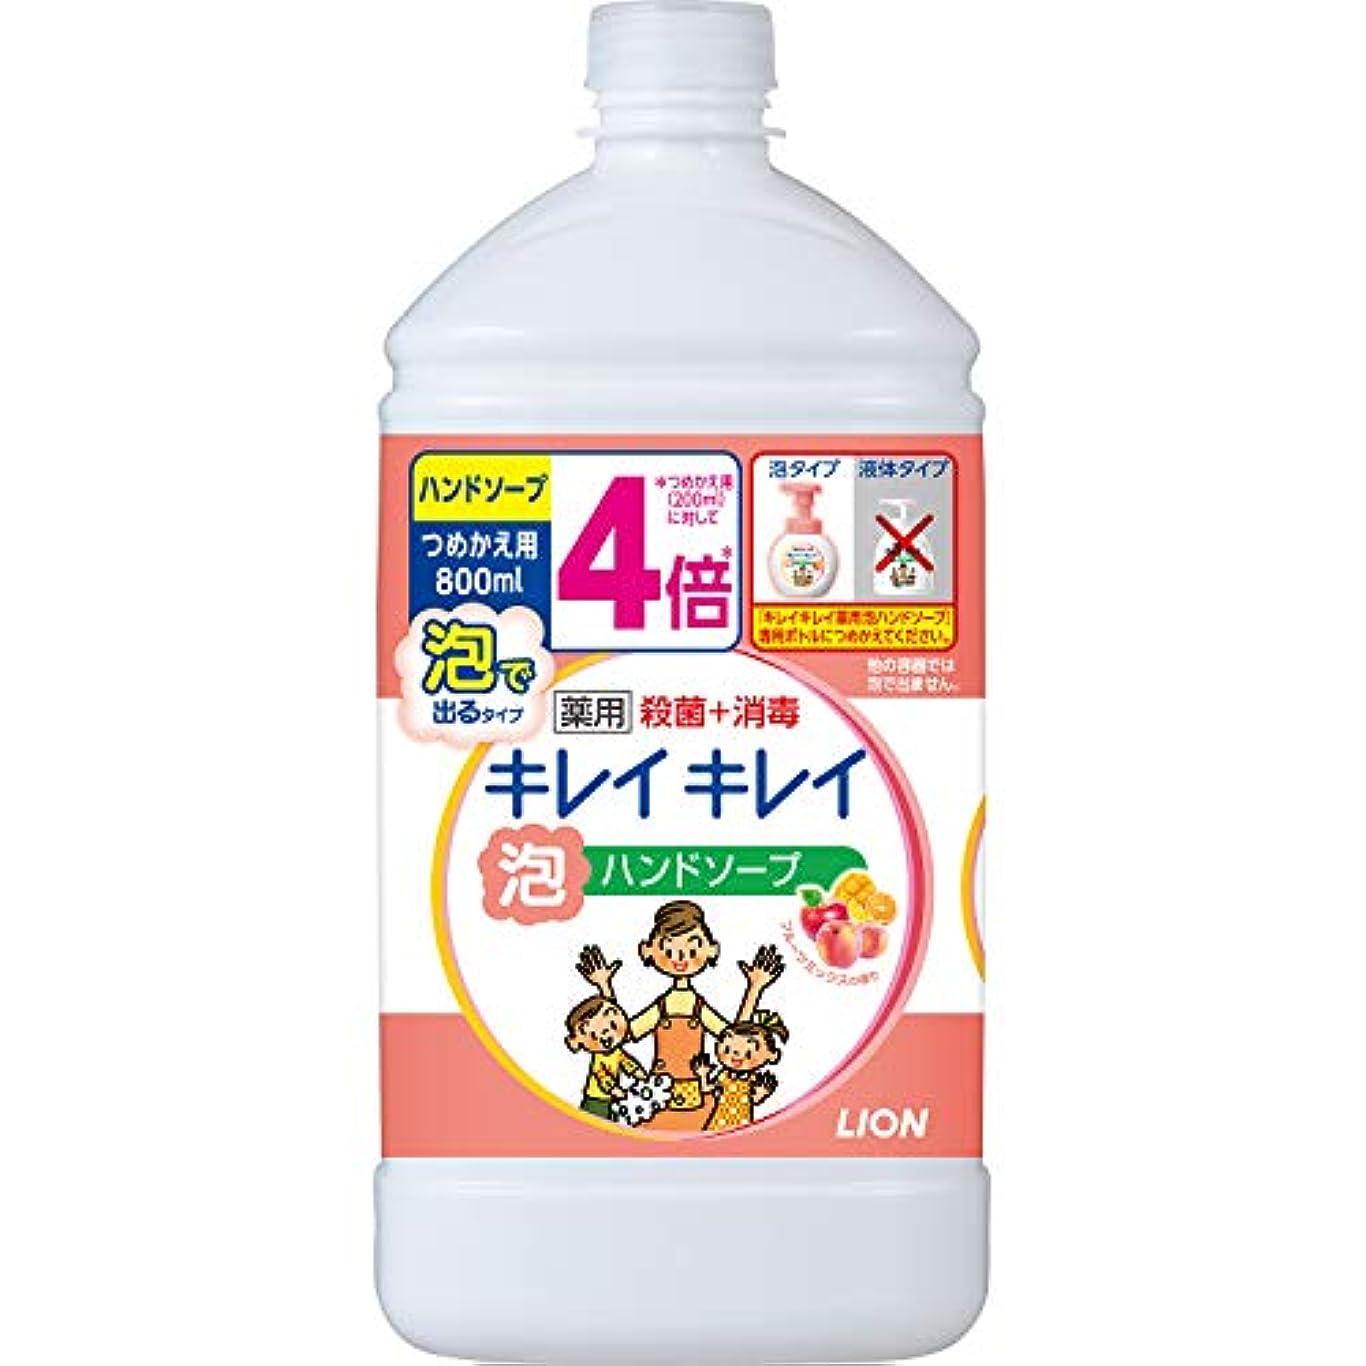 予防接種野ウサギ苦(医薬部外品)【大容量】キレイキレイ 薬用 泡ハンドソープ フルーツミックスの香り 詰替特大 800ml